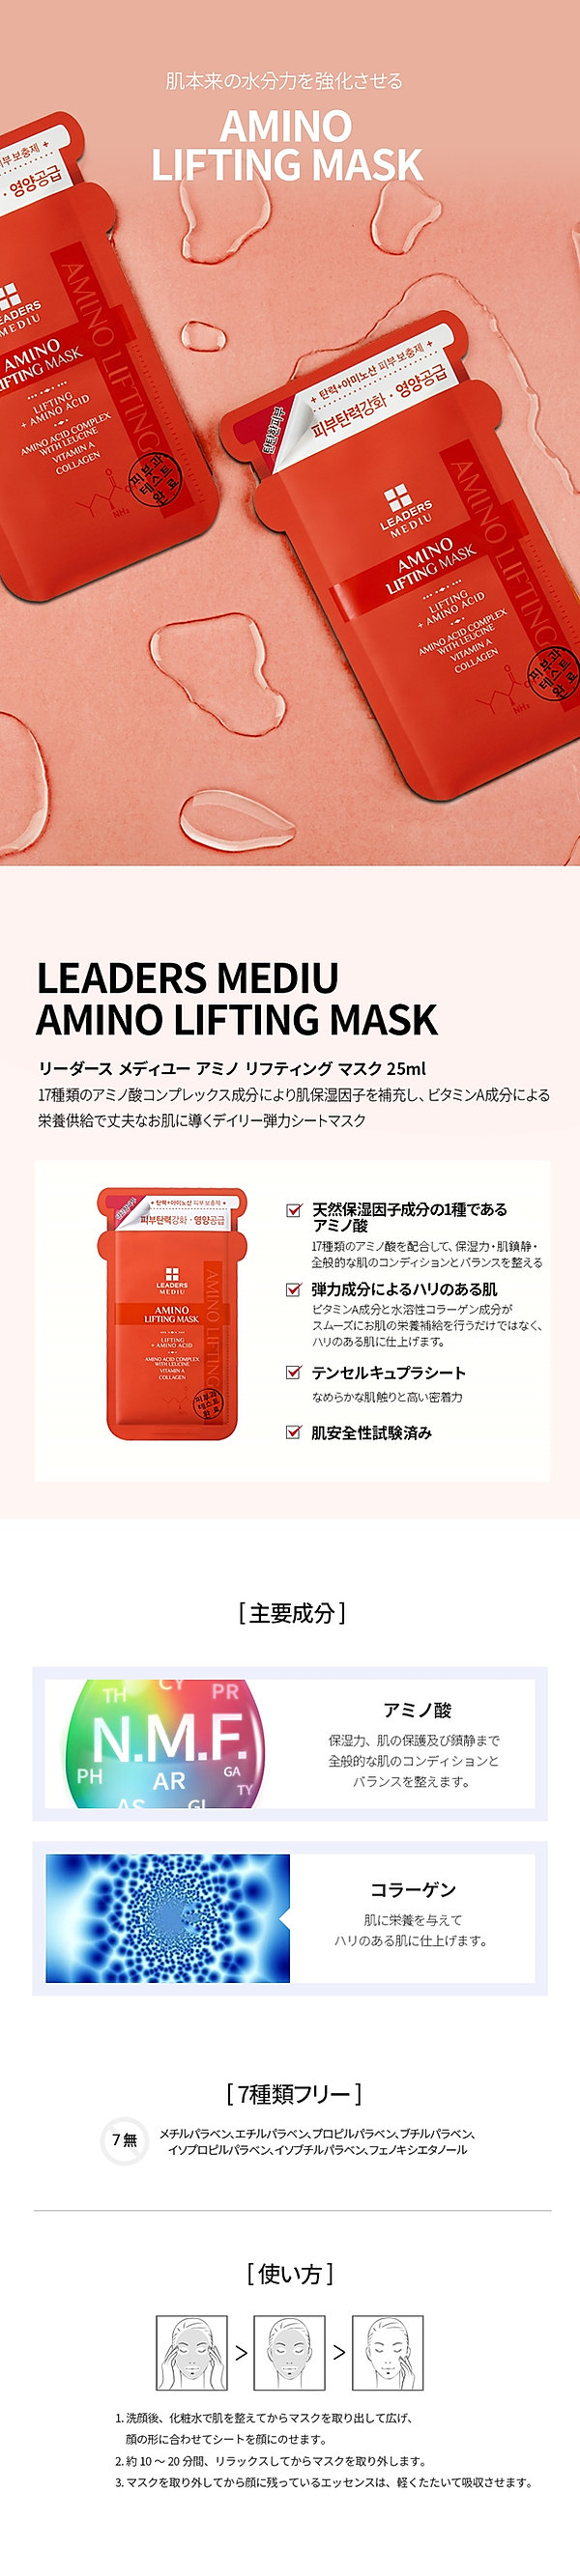 mediu_aminolifting_sizedown.jpg